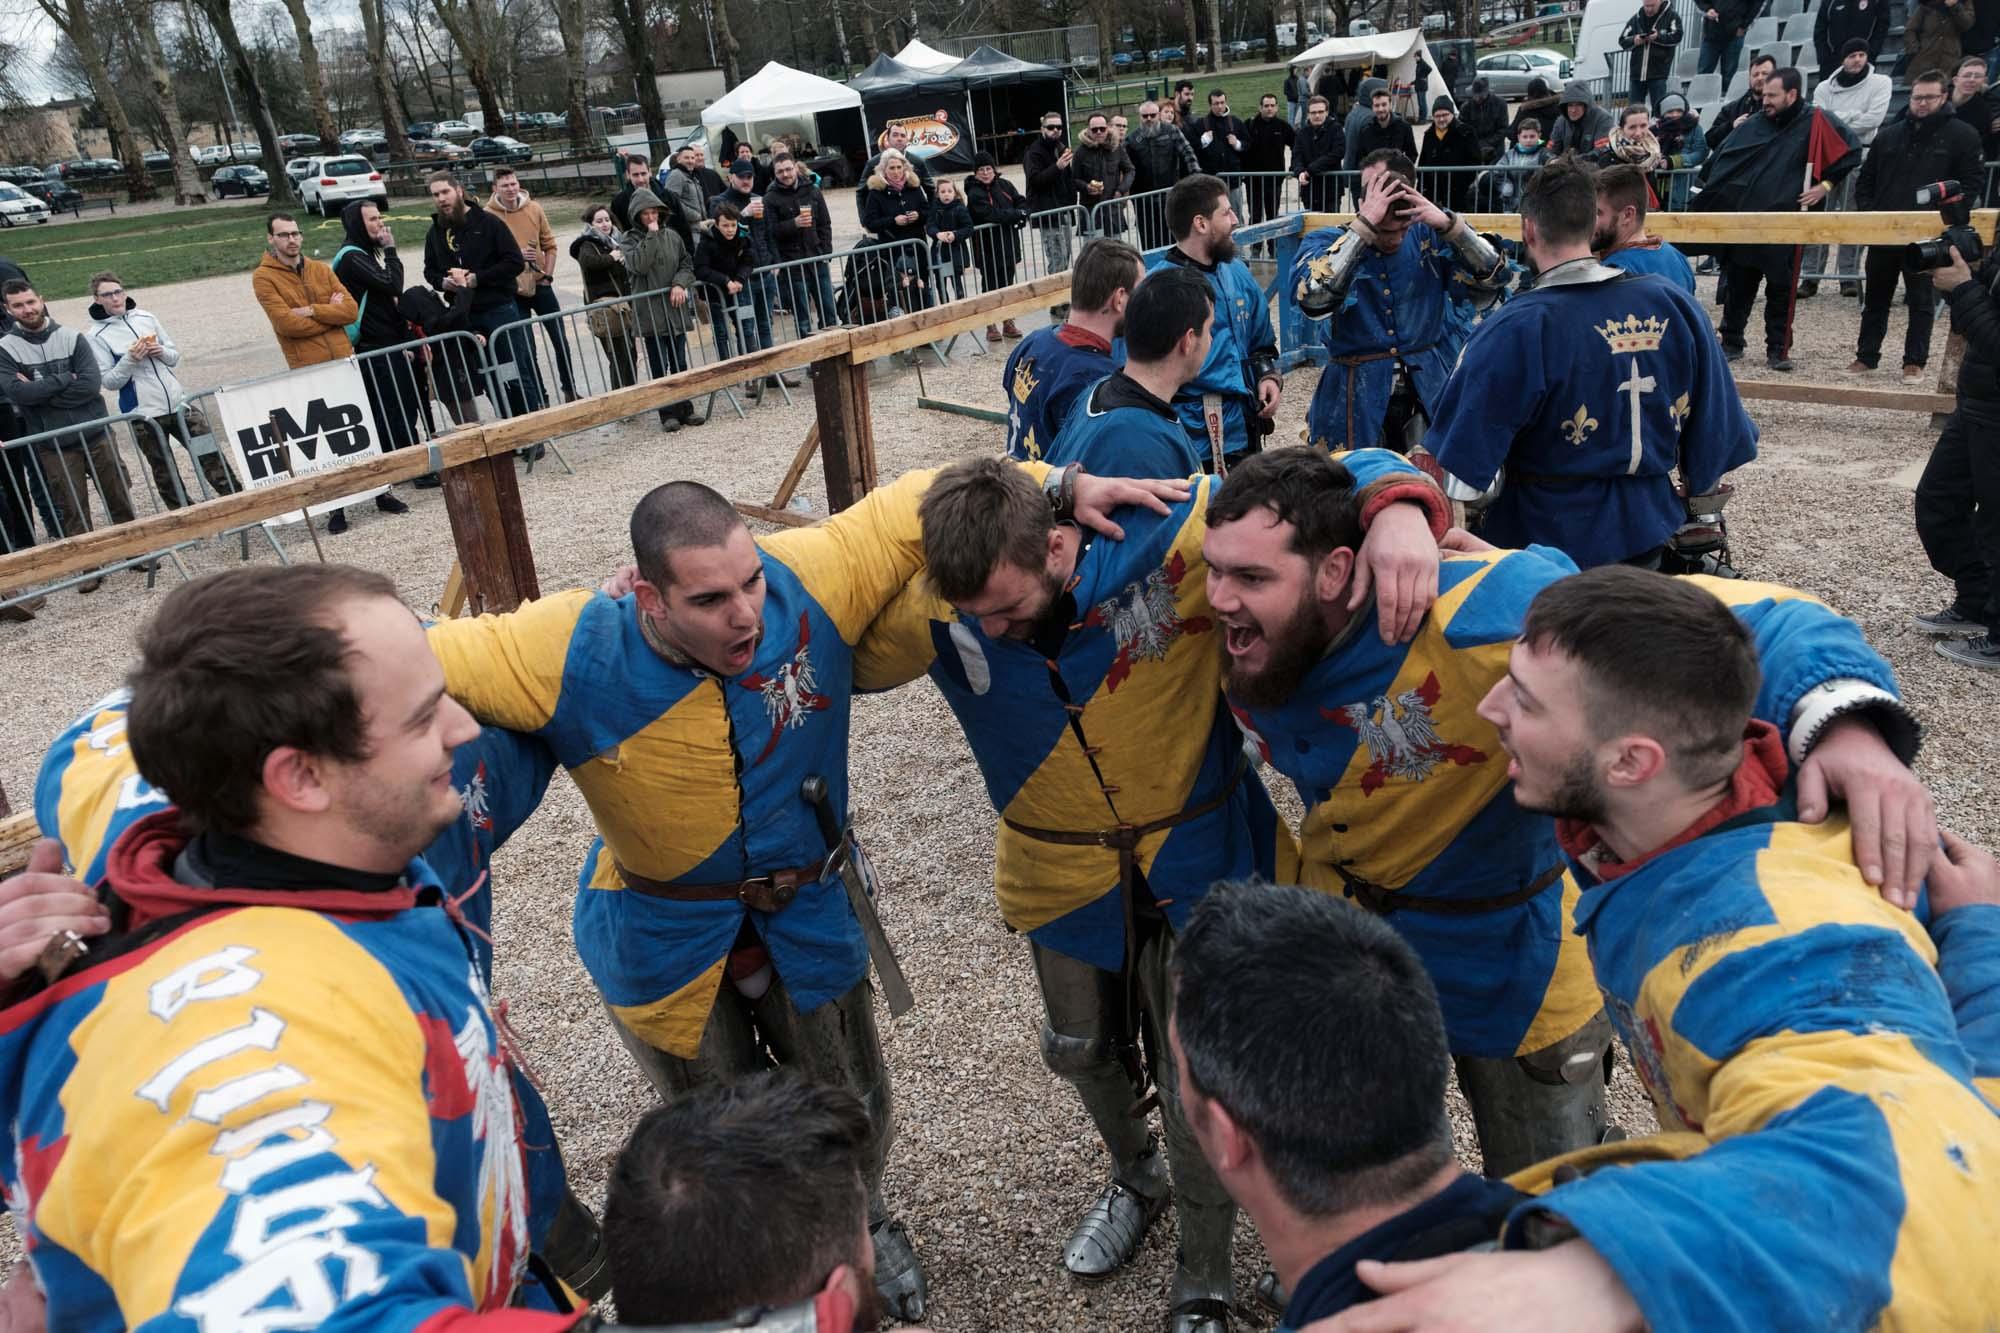 L'équipe Aquila Sequania (Franche Comte) célèbre sa victoire contre l'équipe Martel (Région parisienne) après la final des combats de 5 contre 5.